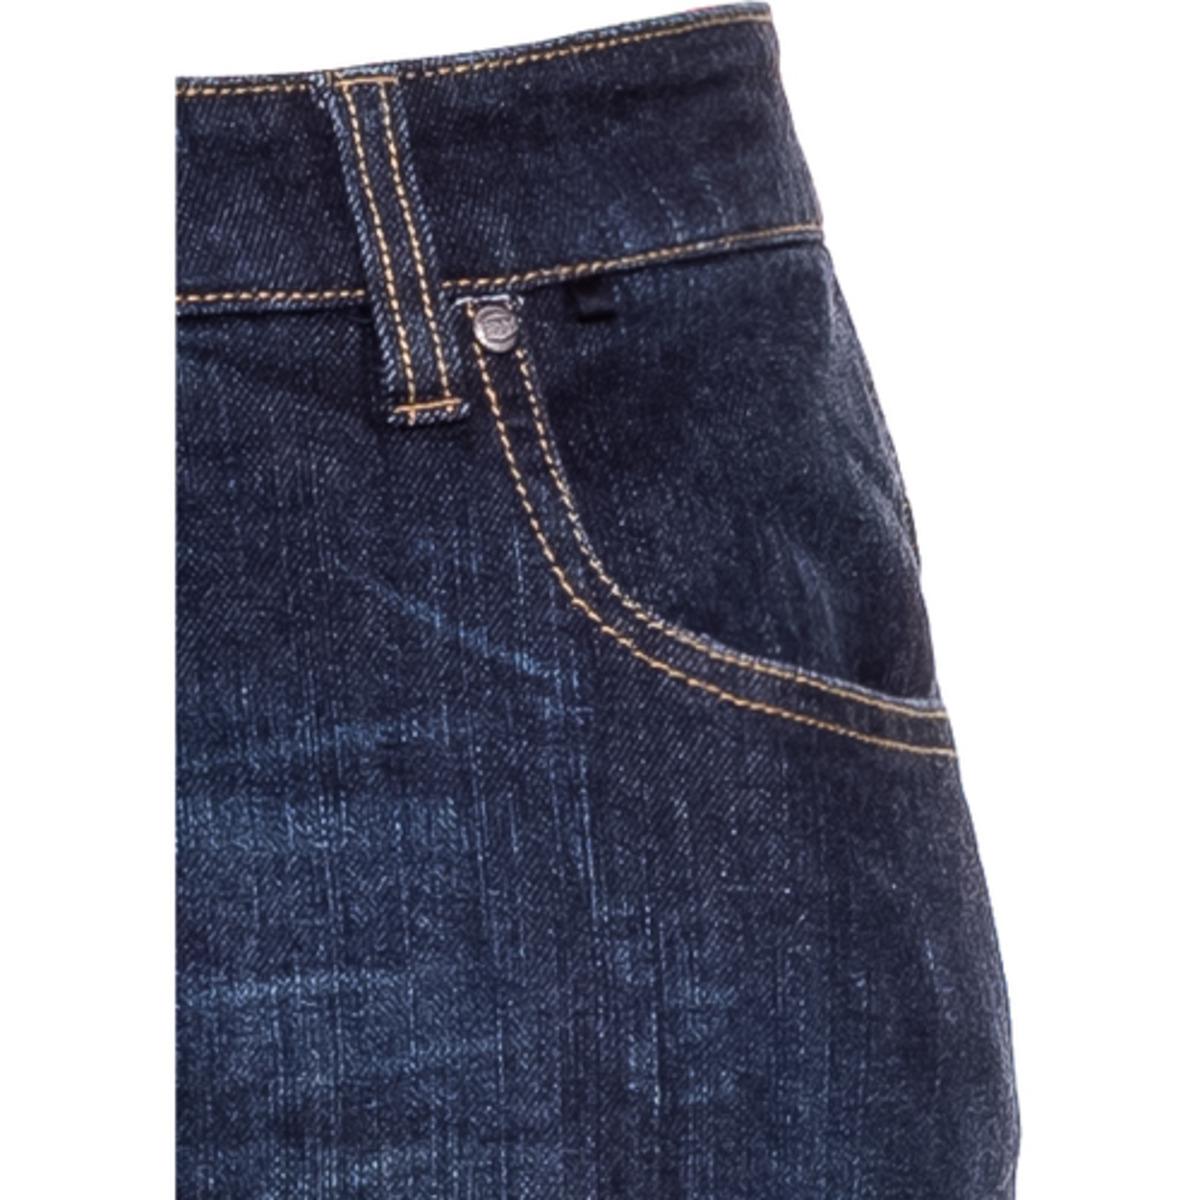 Bild 3 von Cordura Denim Jeans mit Aramid 2.0